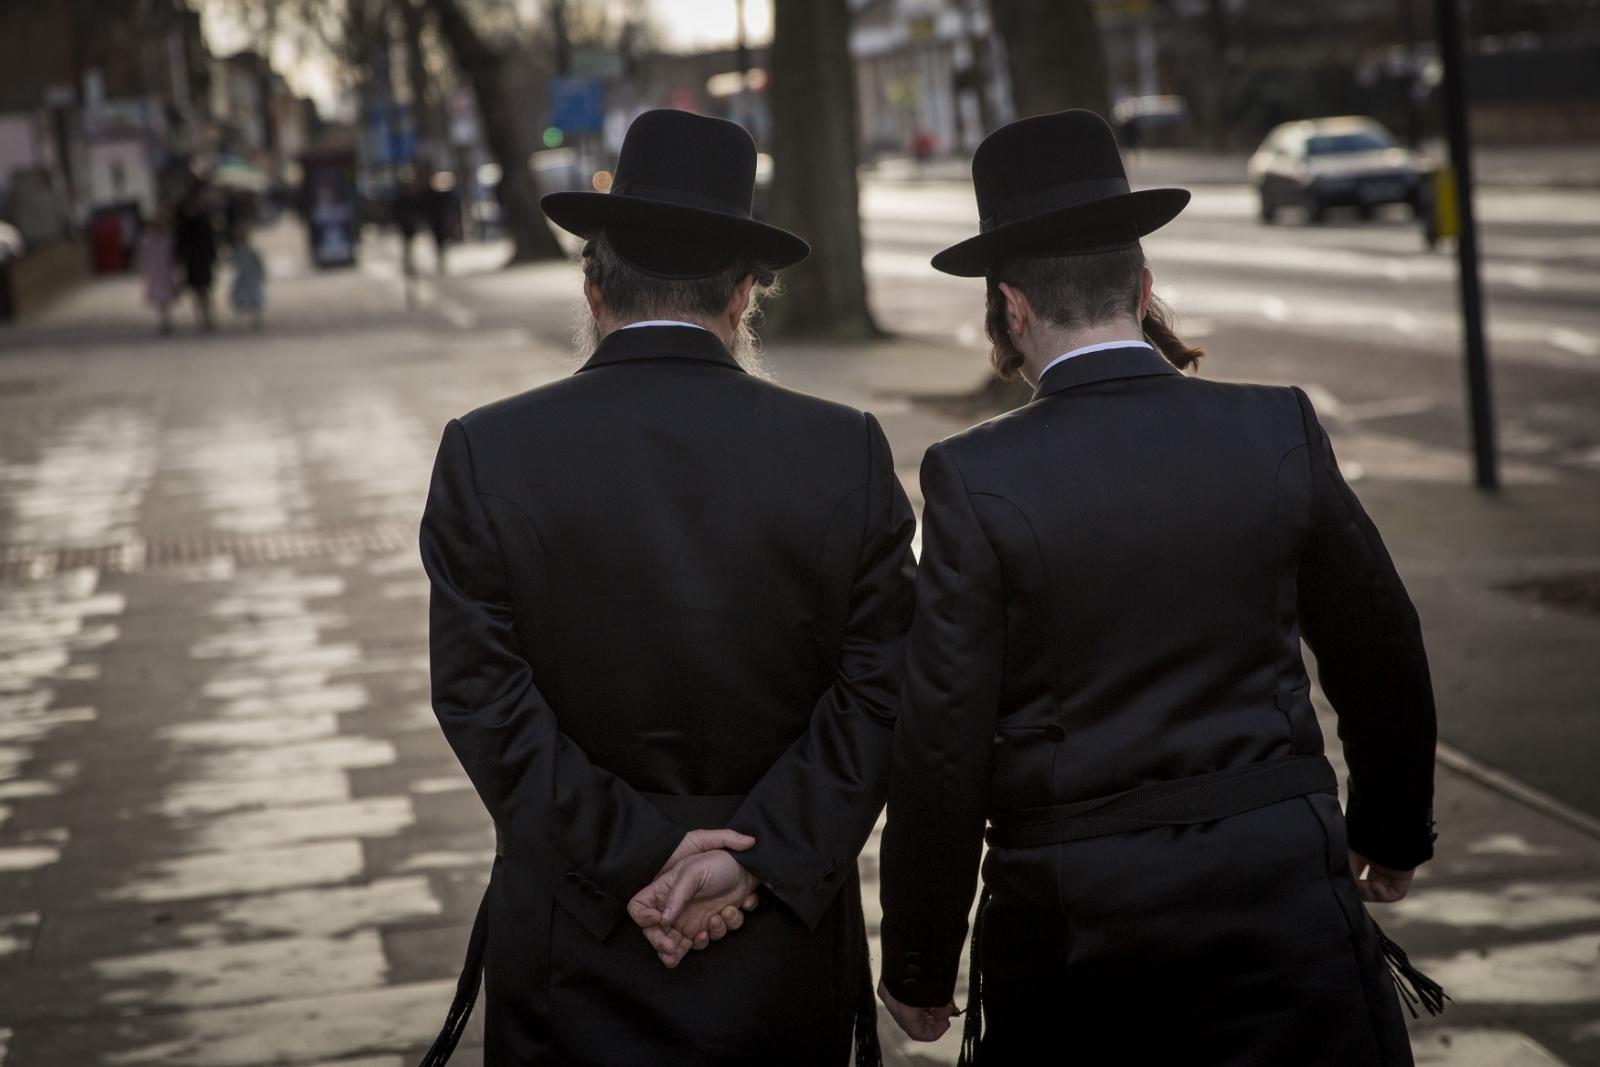 Orthodox Jews in London